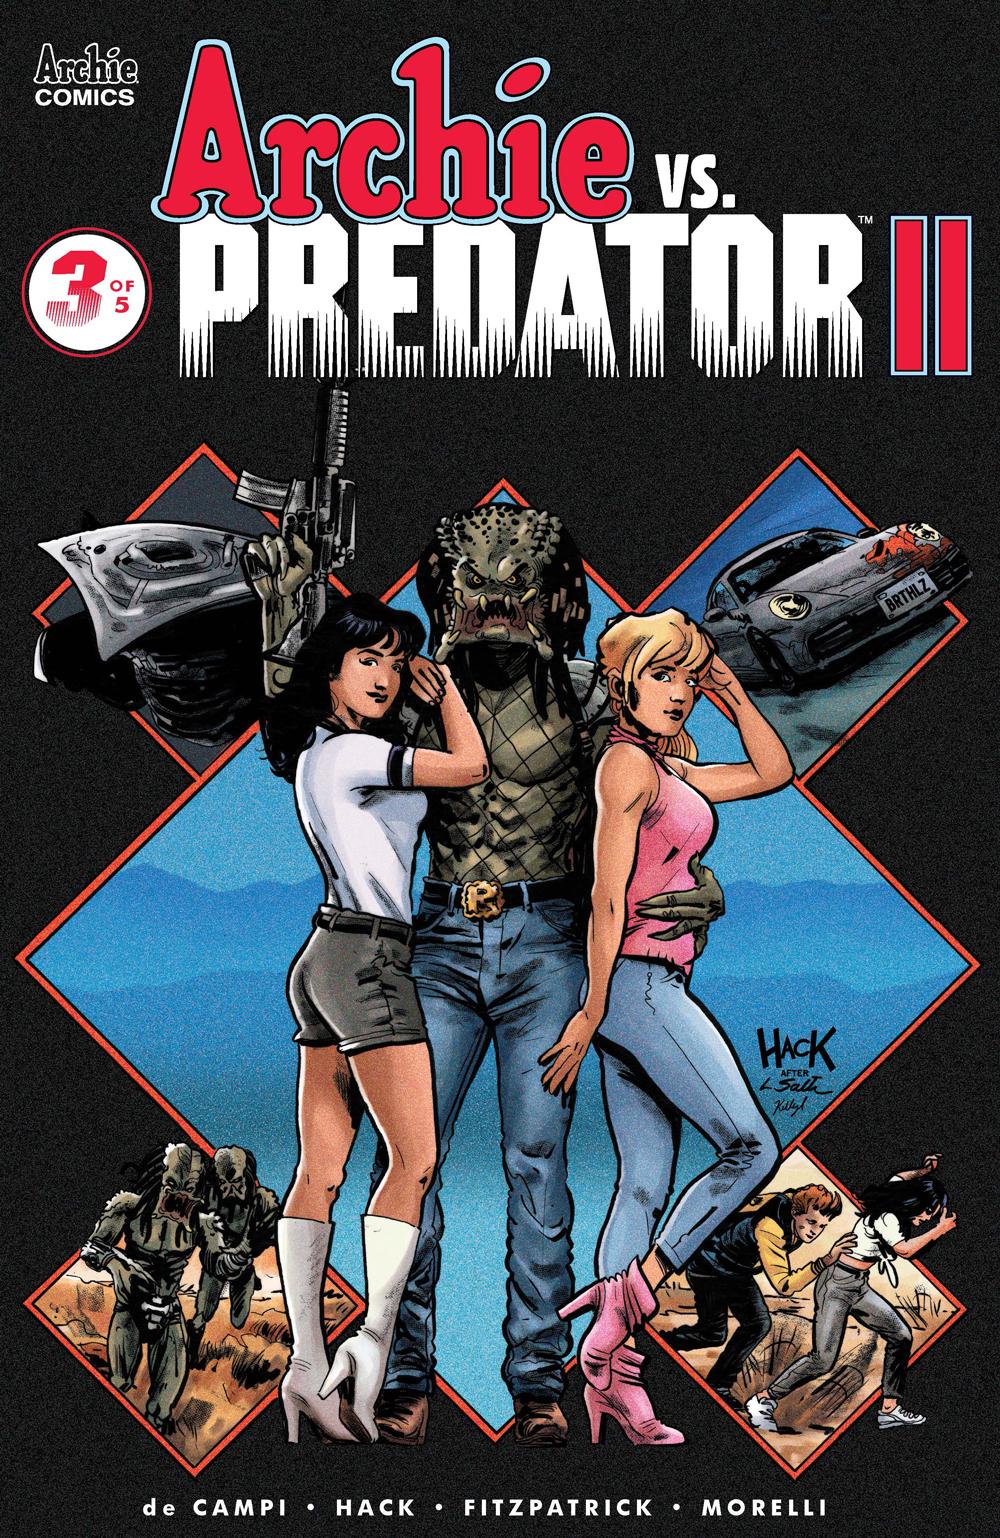 ARCHIE VS. PREDATOR 2 #3: CVR A Hack